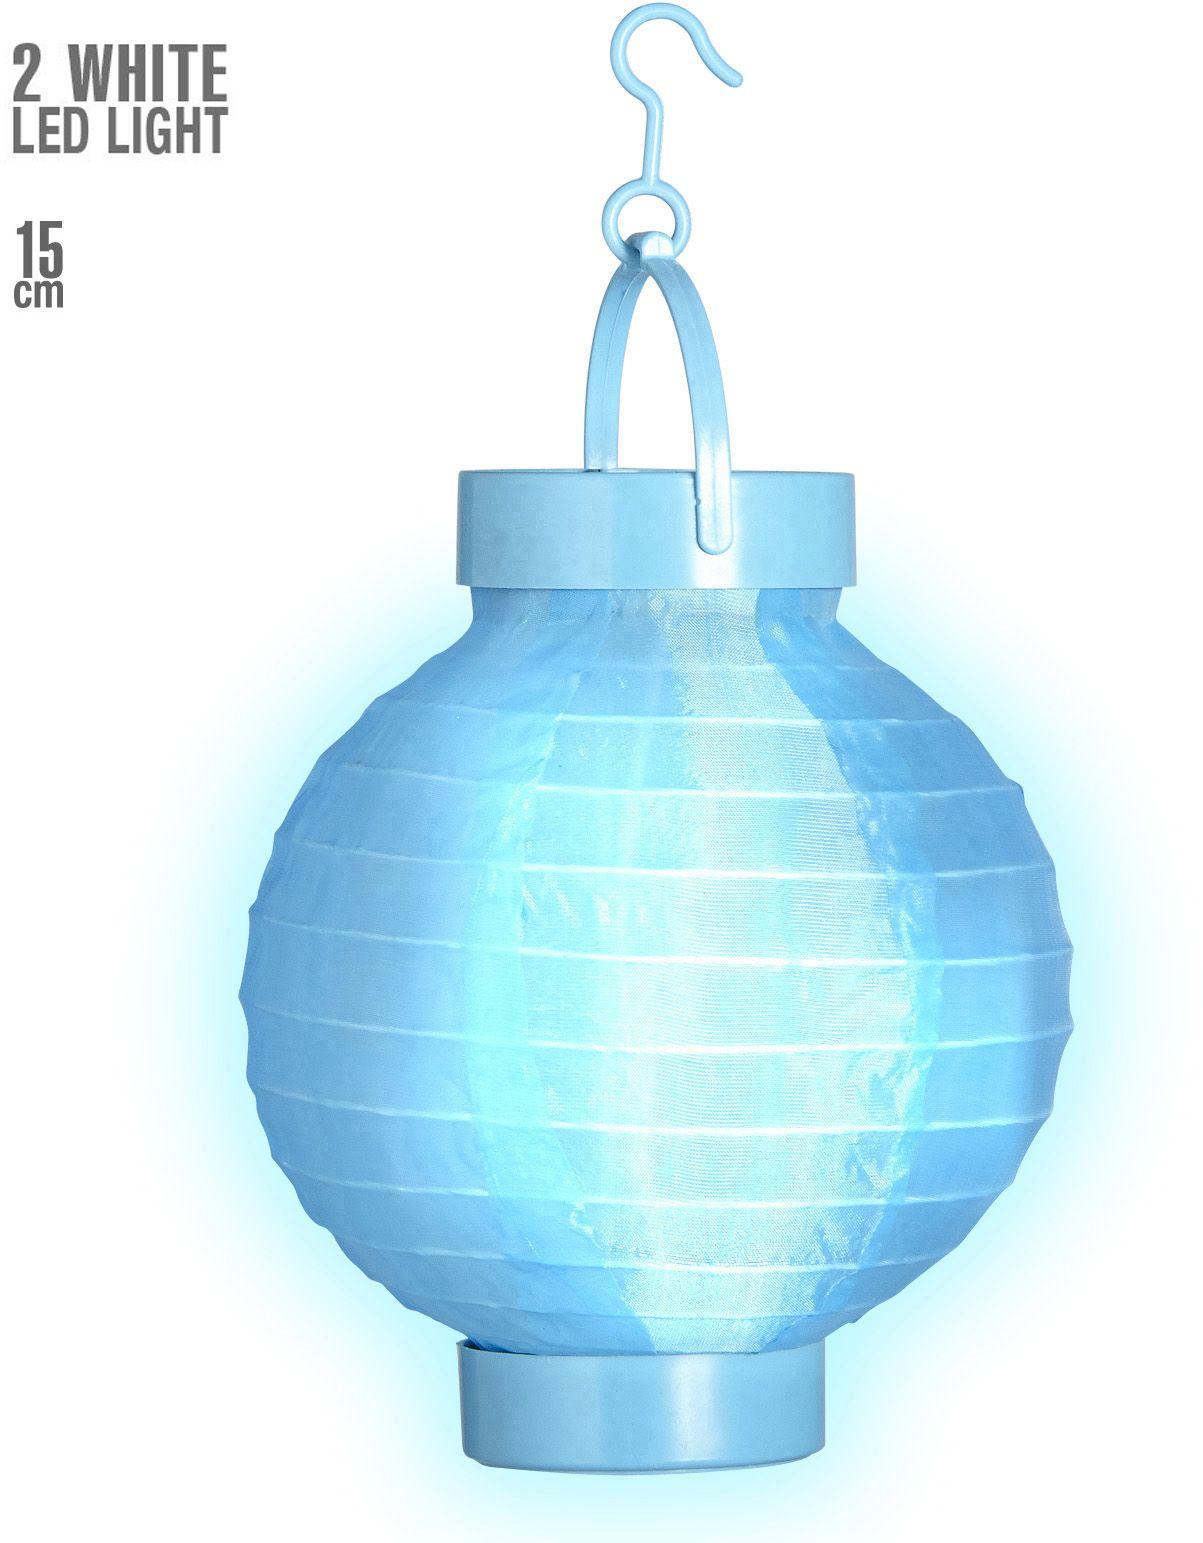 Blauwe stoffen lantaarn met 2 witte LED lichten